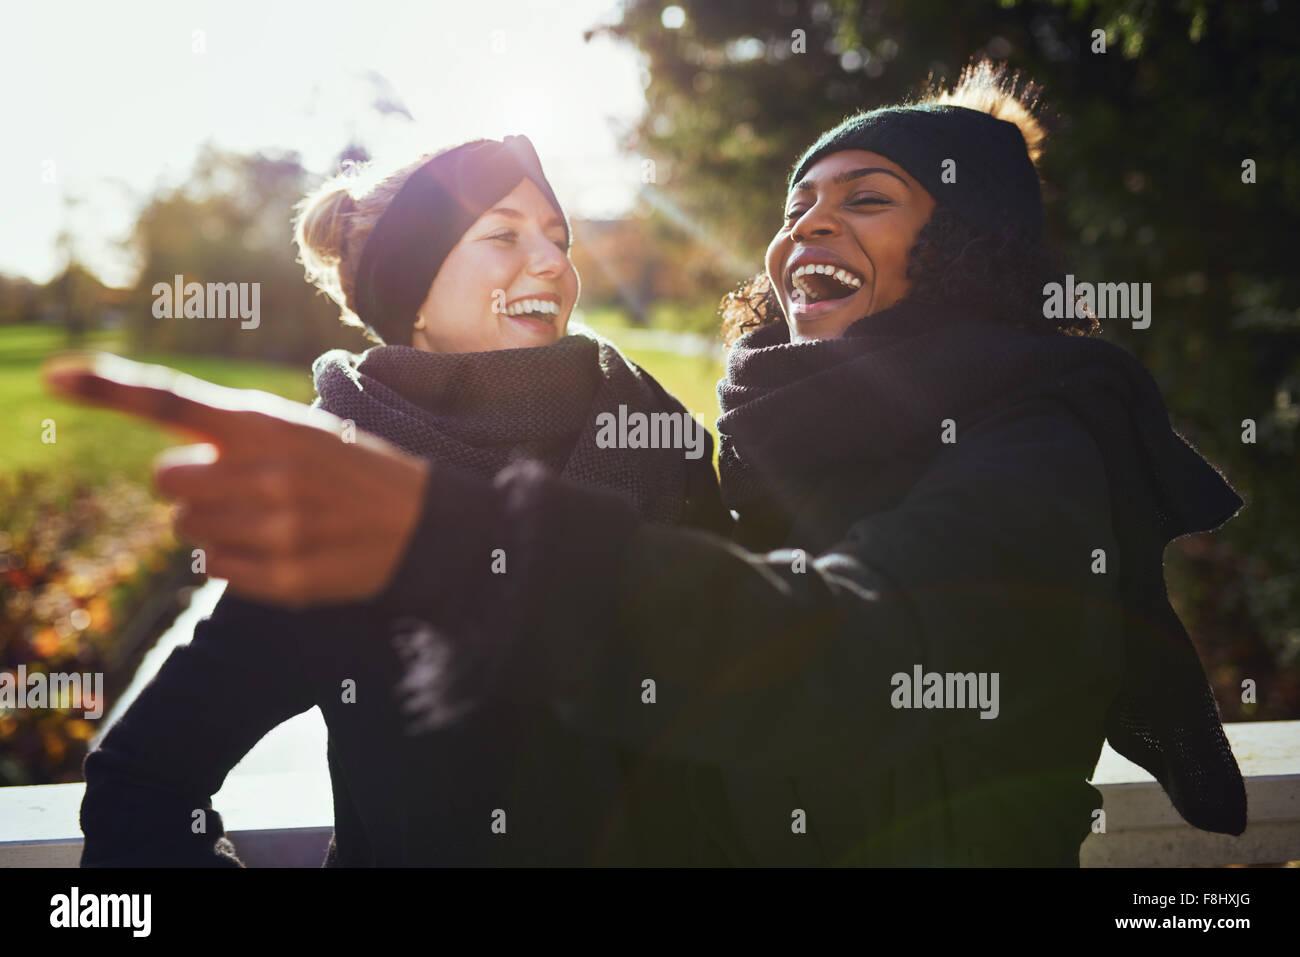 Zwei Frauen etwas zu Lachen, während in PARK-Stellung Stockbild